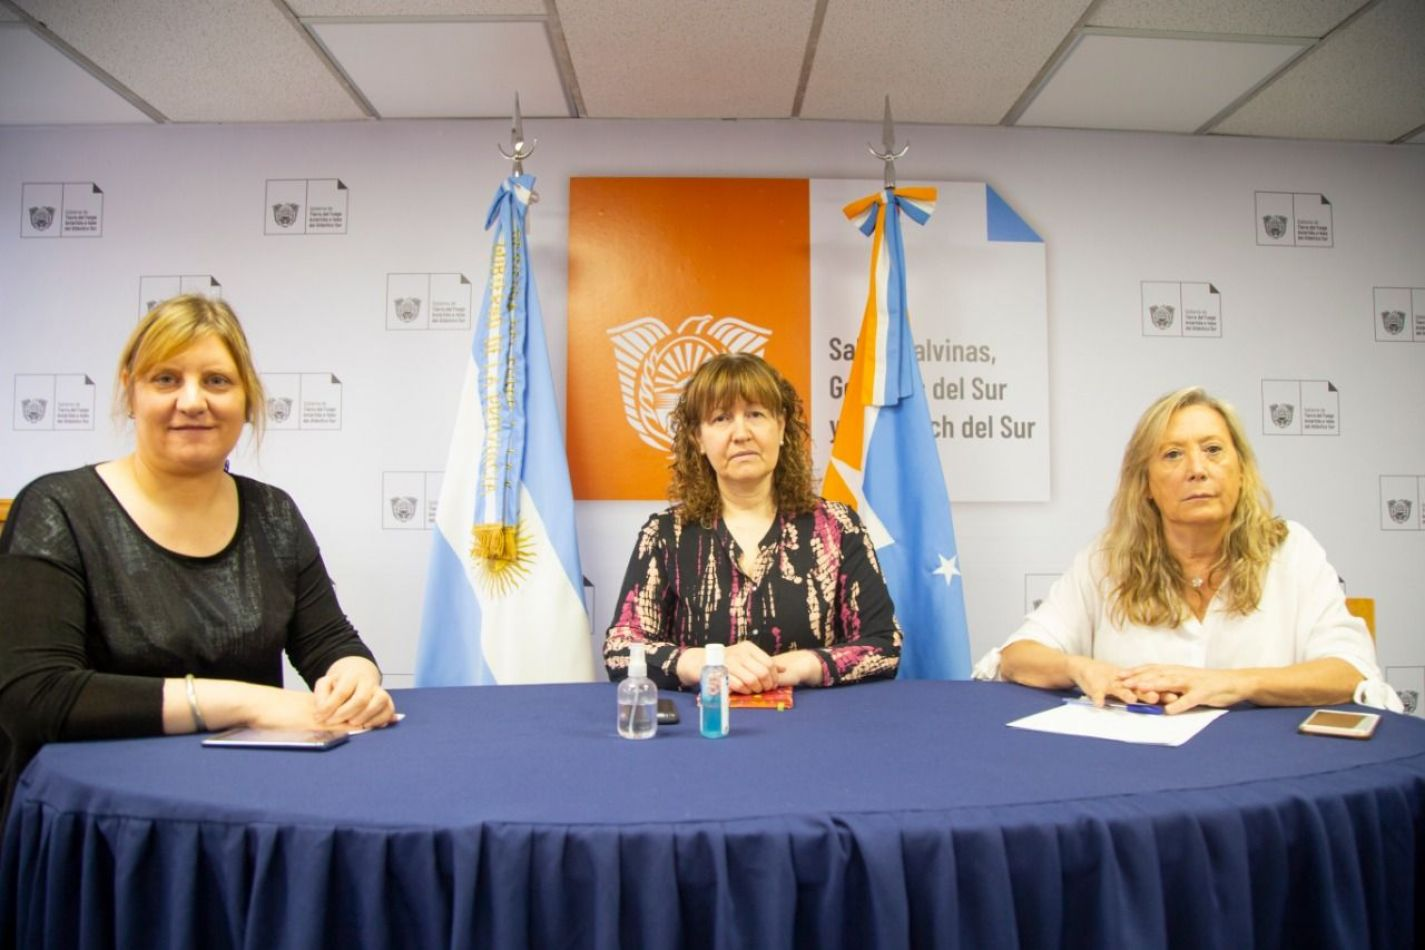 Vicegobernadora, Mónica Urquiza, junto a la Ministra de Salud, Di Giglio y la Ministra de Gobierno, Justicia y Derechos Humanos, Chapperón